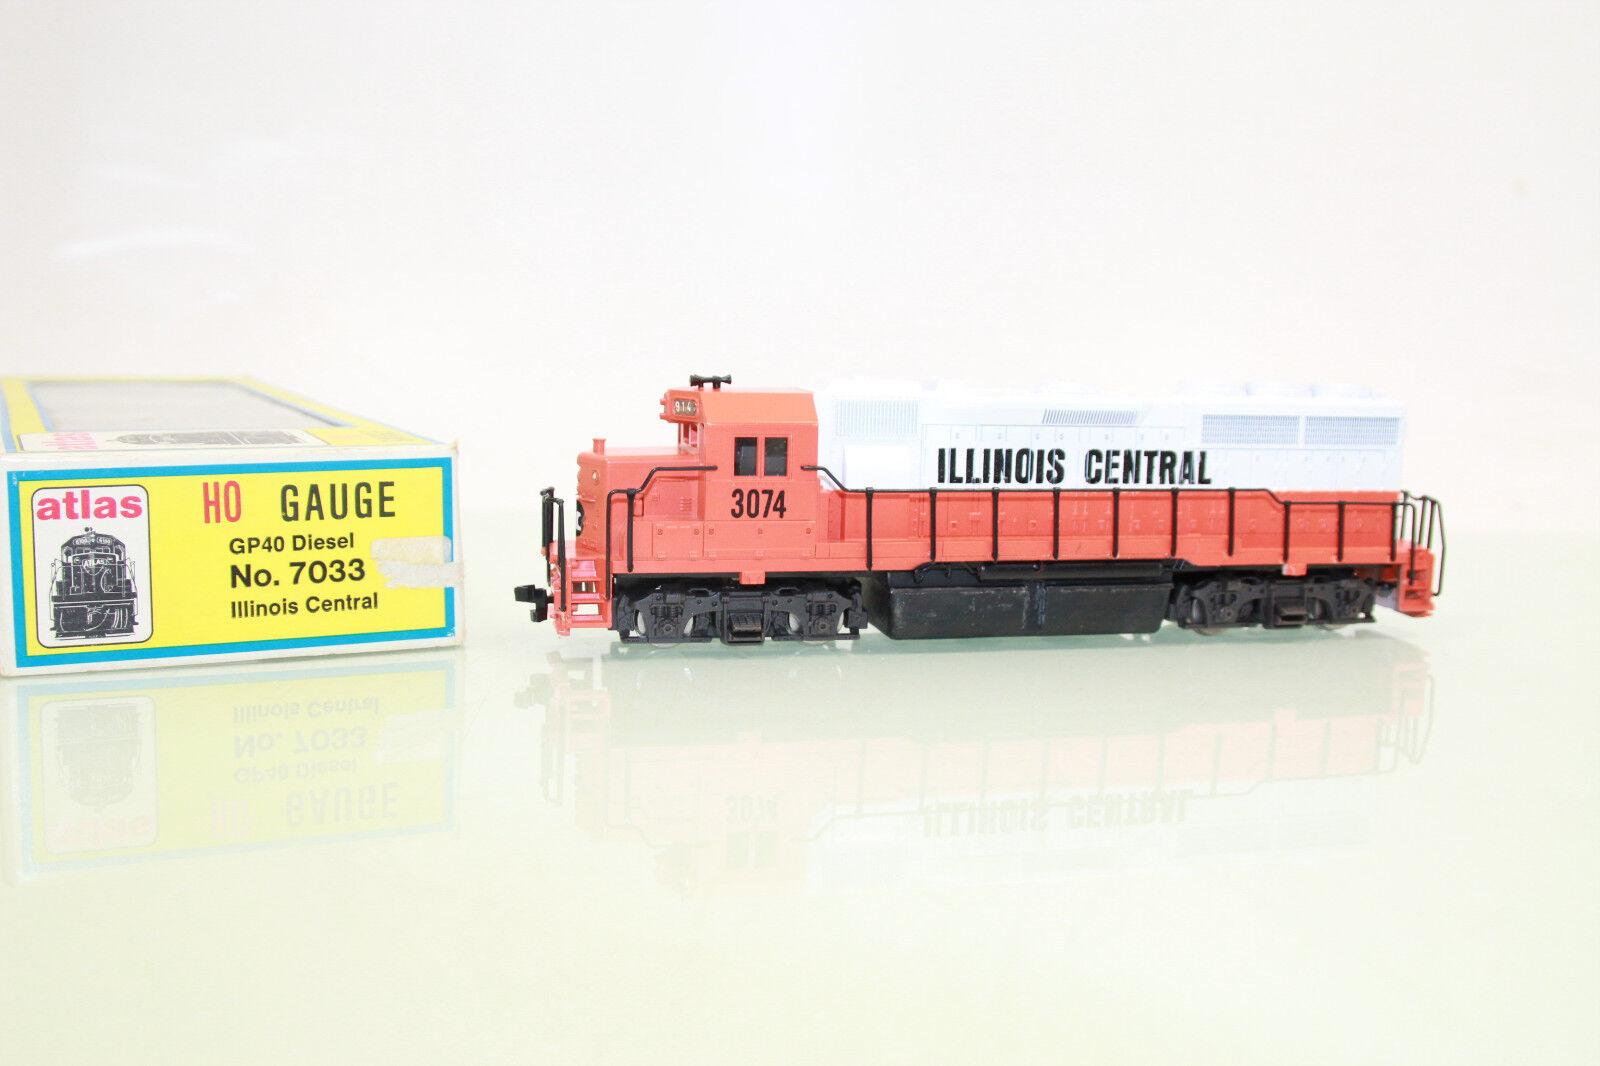 de moda Atlas pista h0 7033 us diesellok gp40 3074 illinois central central central en embalaje original (nl1932)  mejor opcion